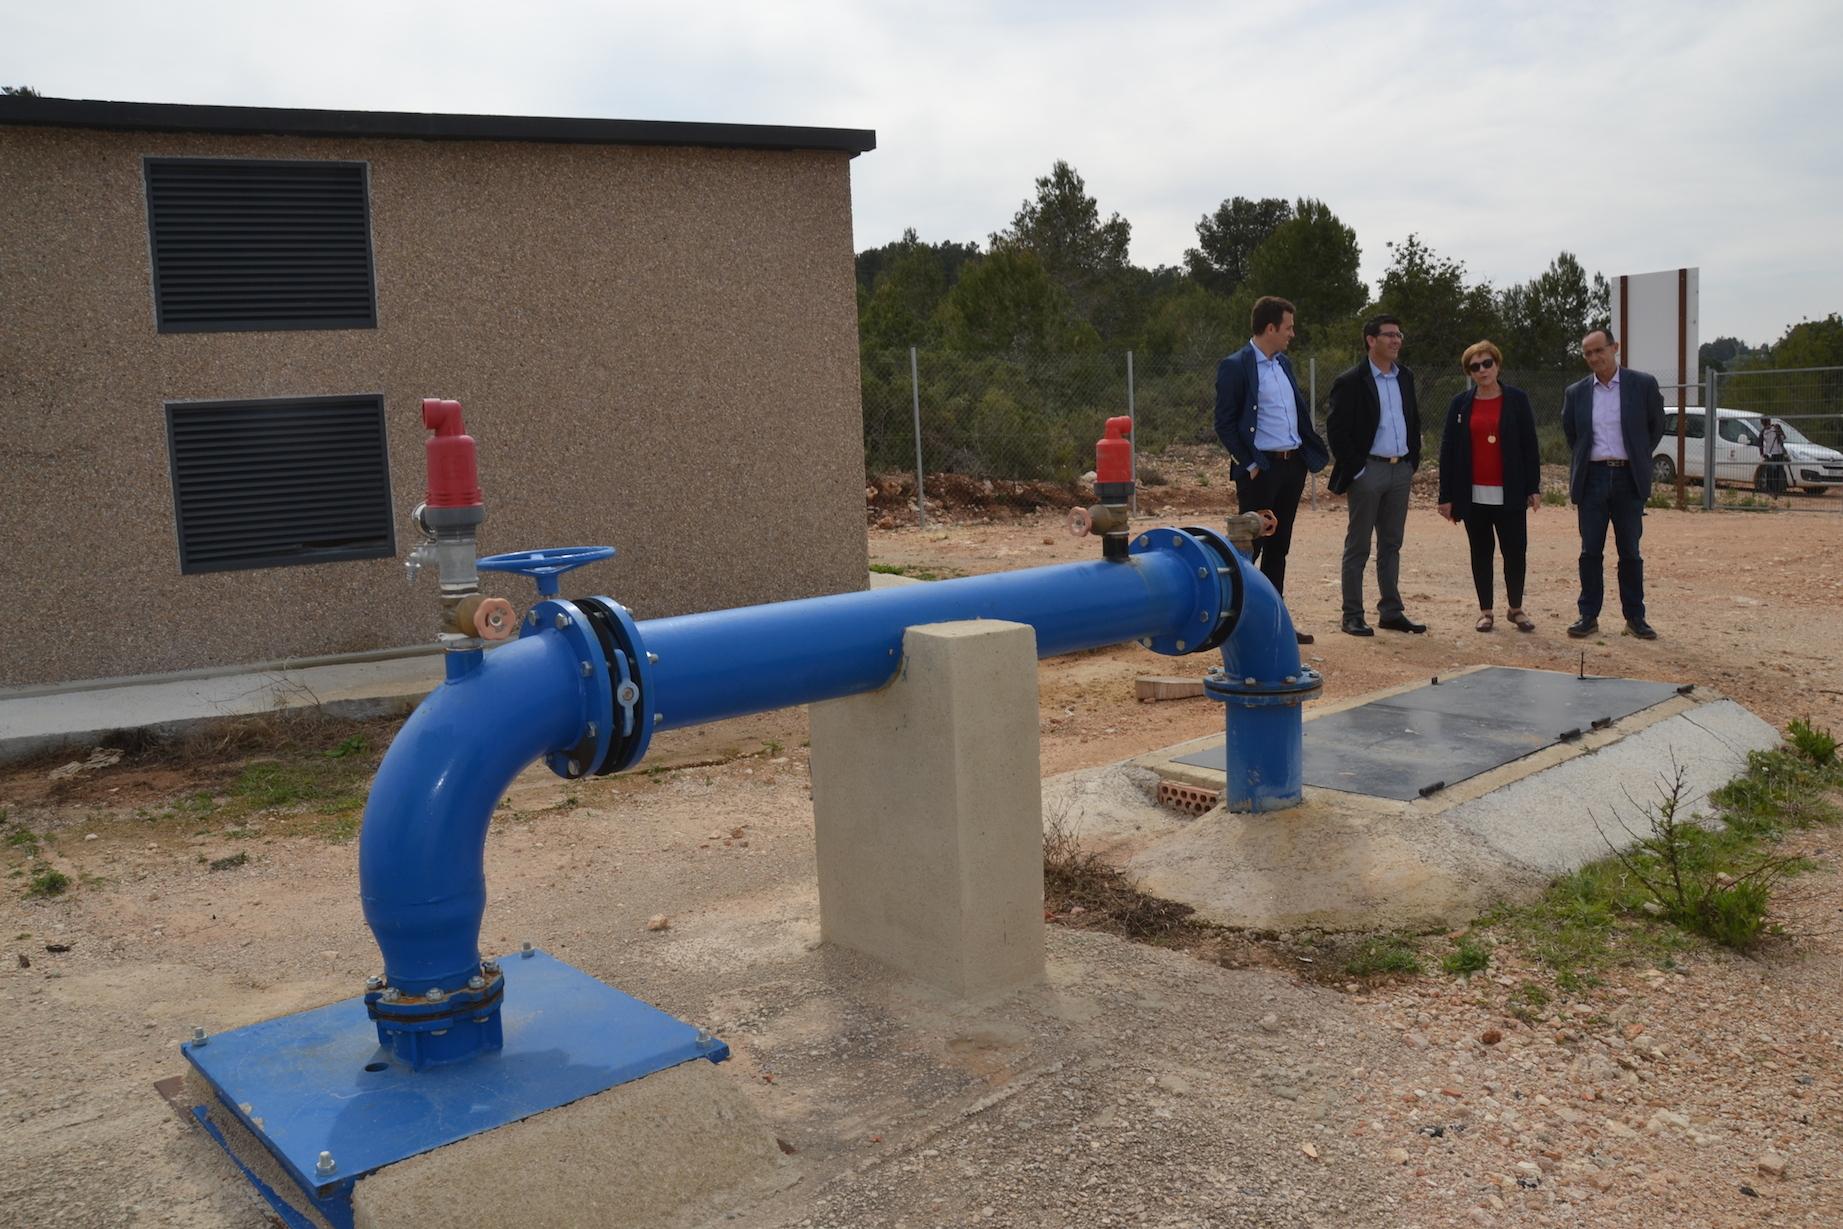 El presidente, Jorge Rodríguez, visita el pozo de El Salvador, una infraestructura vital para el municipio de la Hoya de Buñol que ha subvencionado la Corporación a través del IFS y el PPOS.